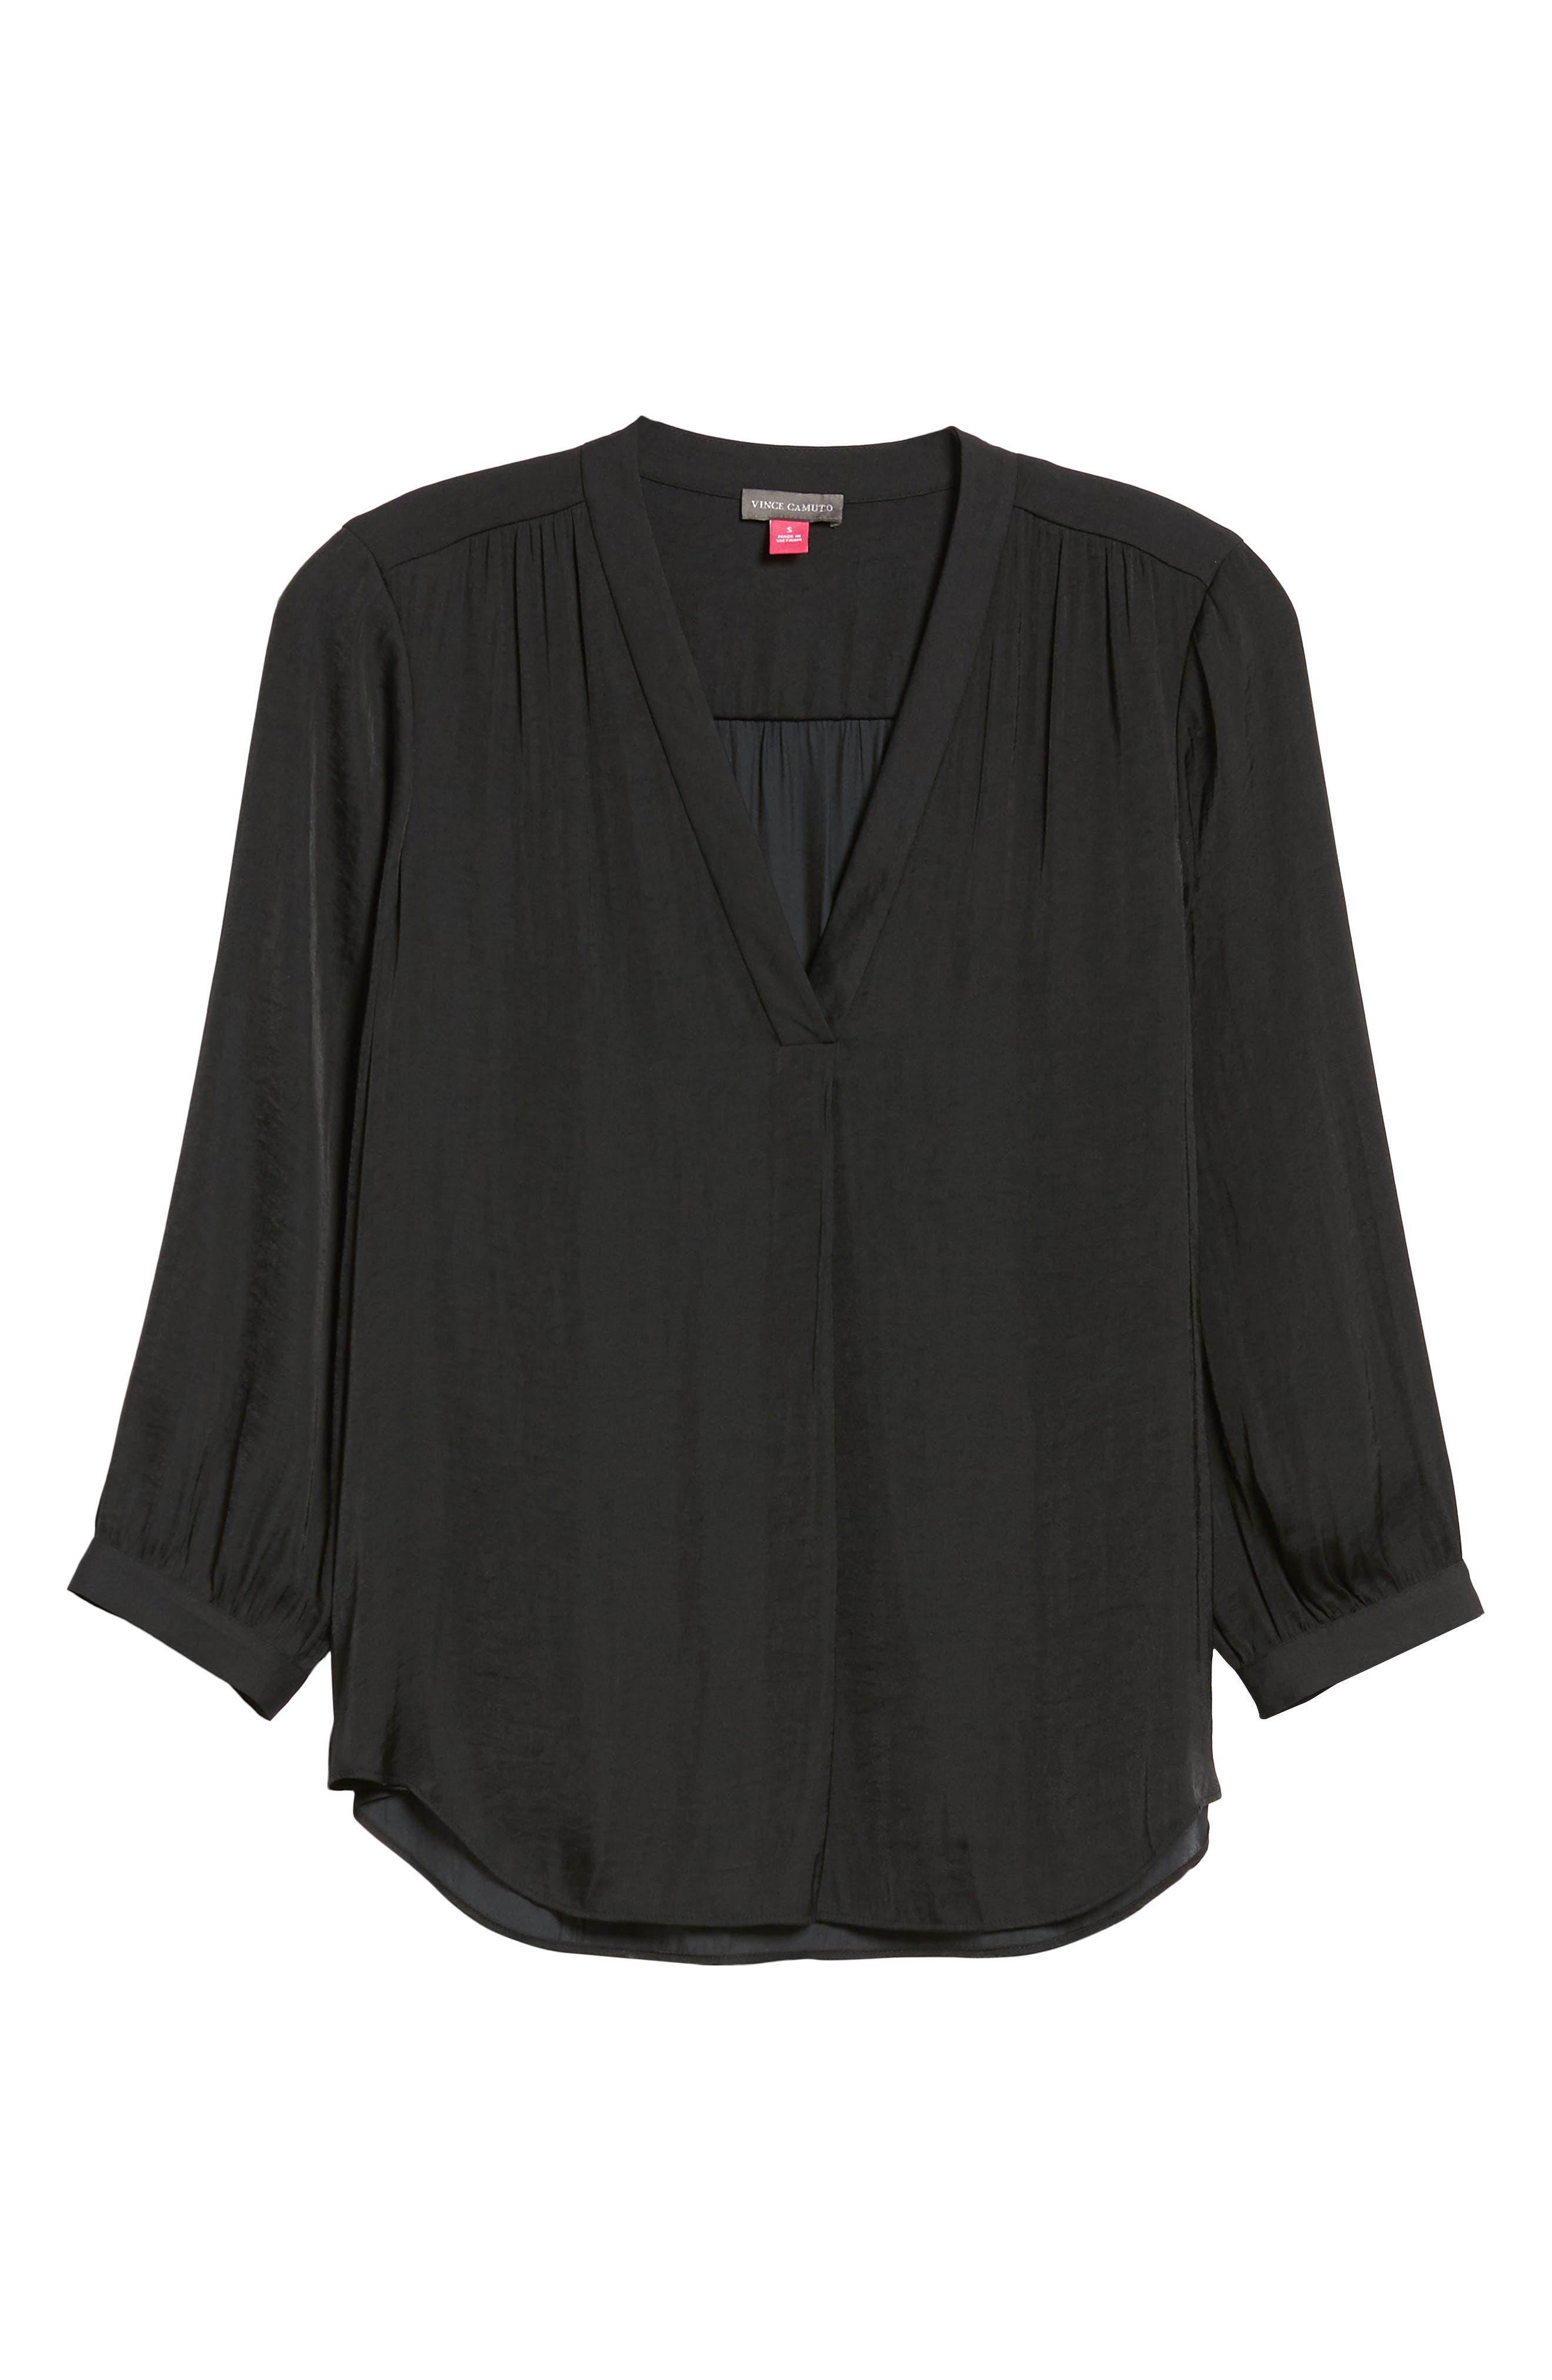 Rumple Fabric Blouse,                             Alternate thumbnail 6, color,                             RICH BLACK